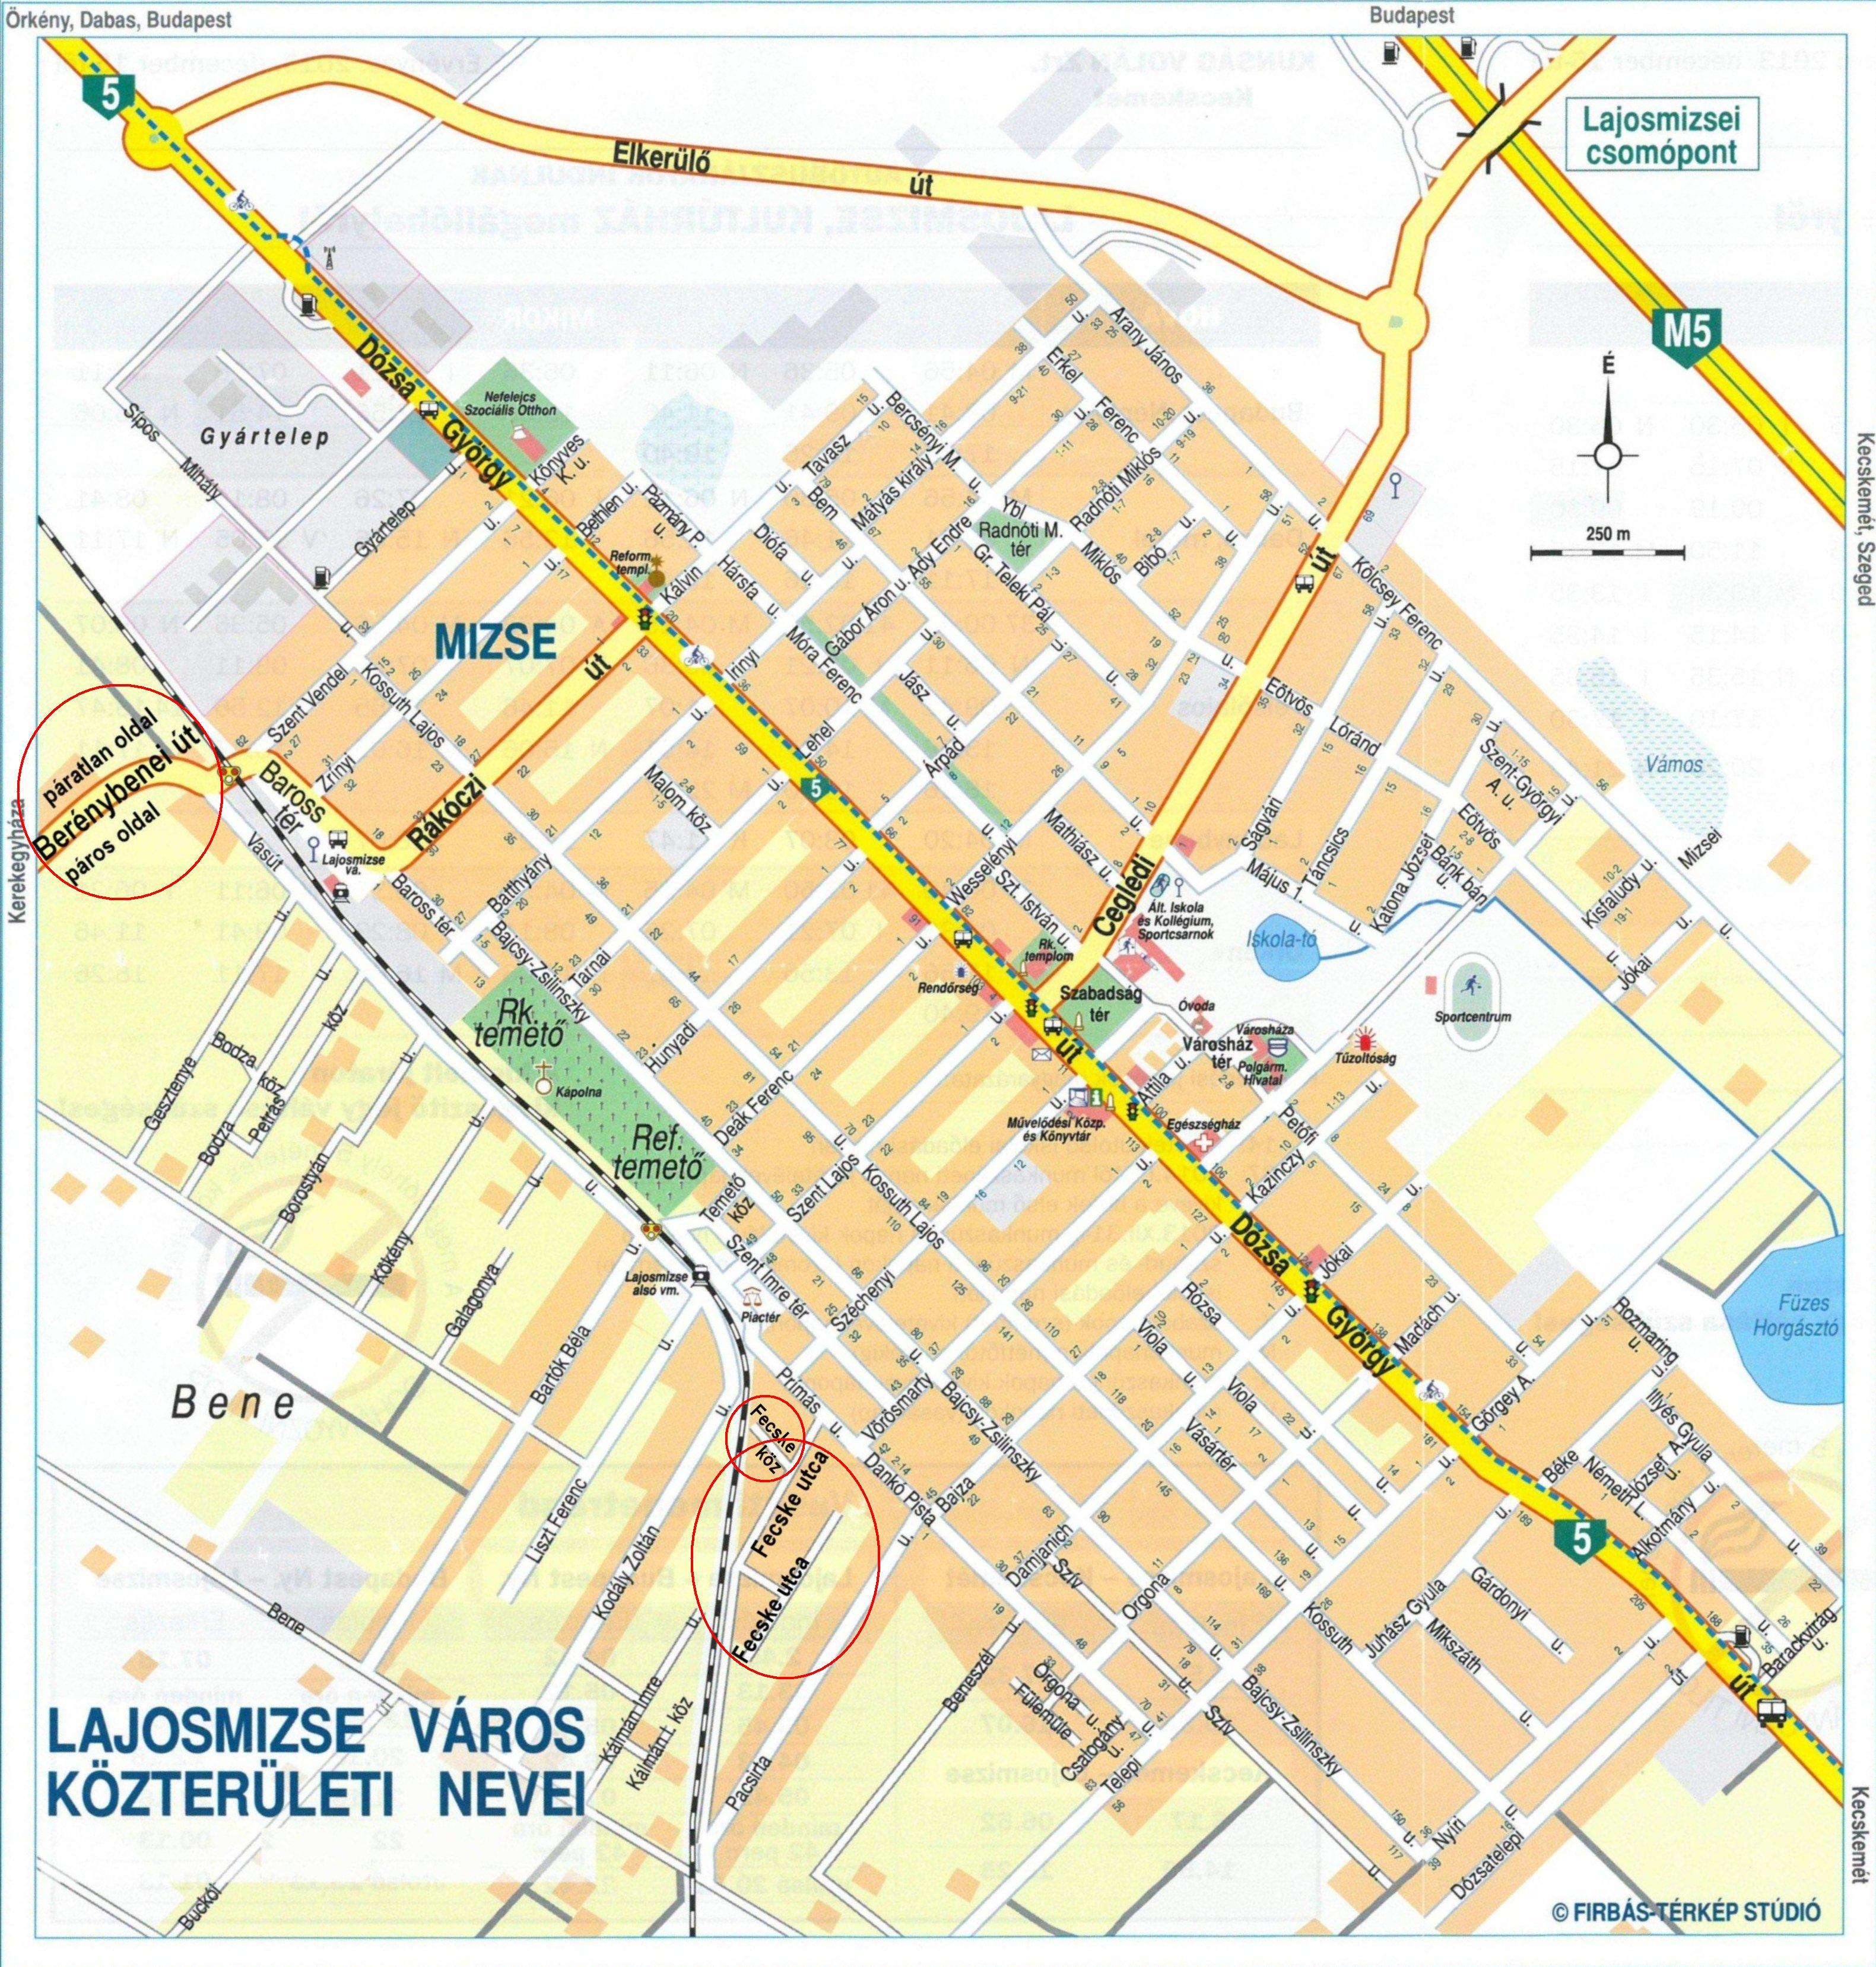 lajosmizse térkép Új lajosmizsei közterületnevek | JászLajosmizse.hu lajosmizse térkép